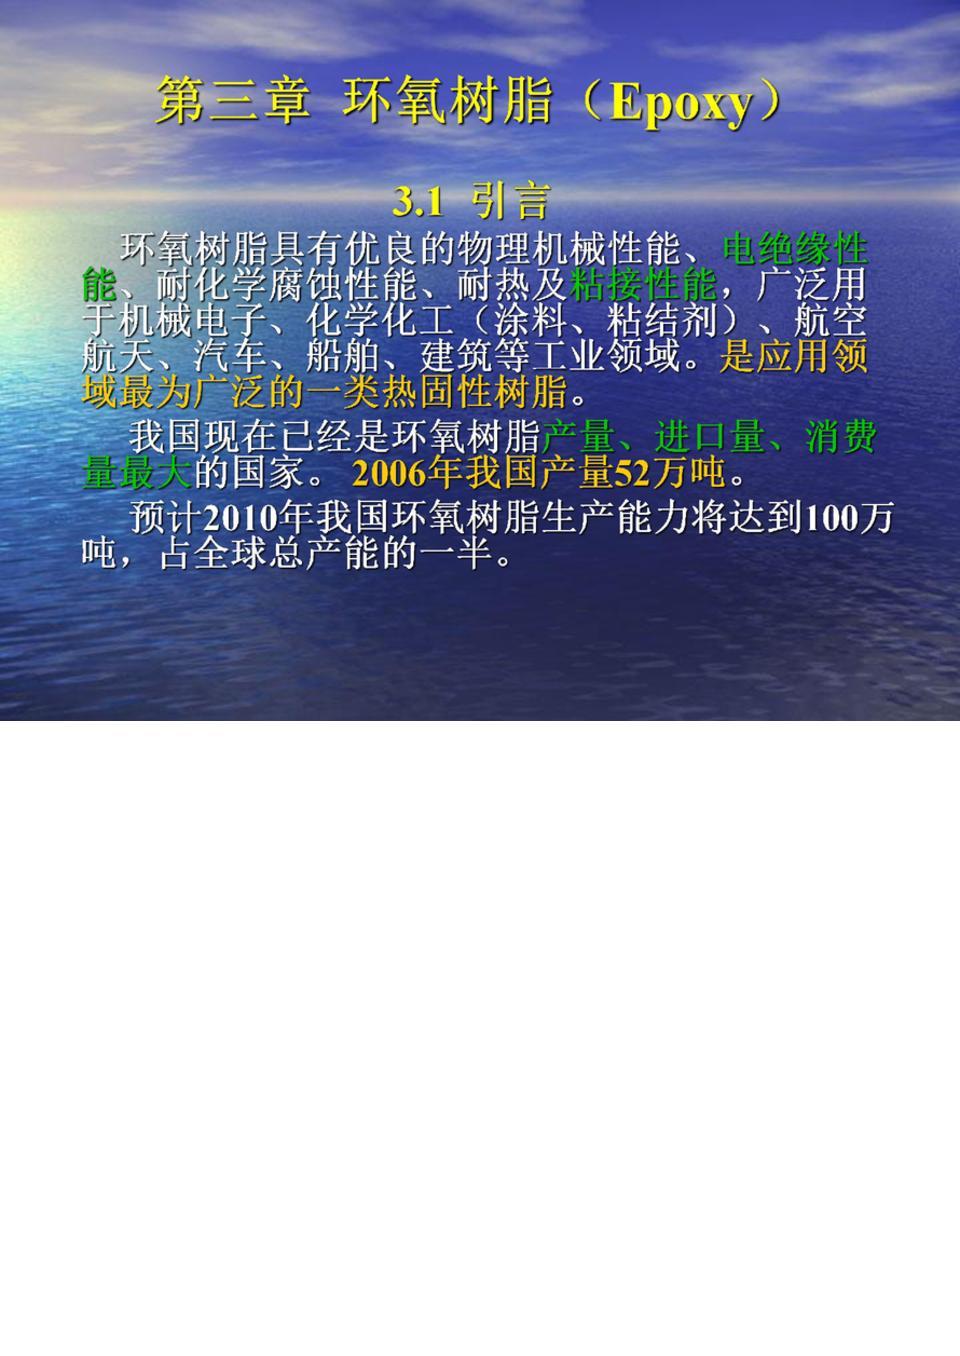 环氧树脂及其性能特征.ppt